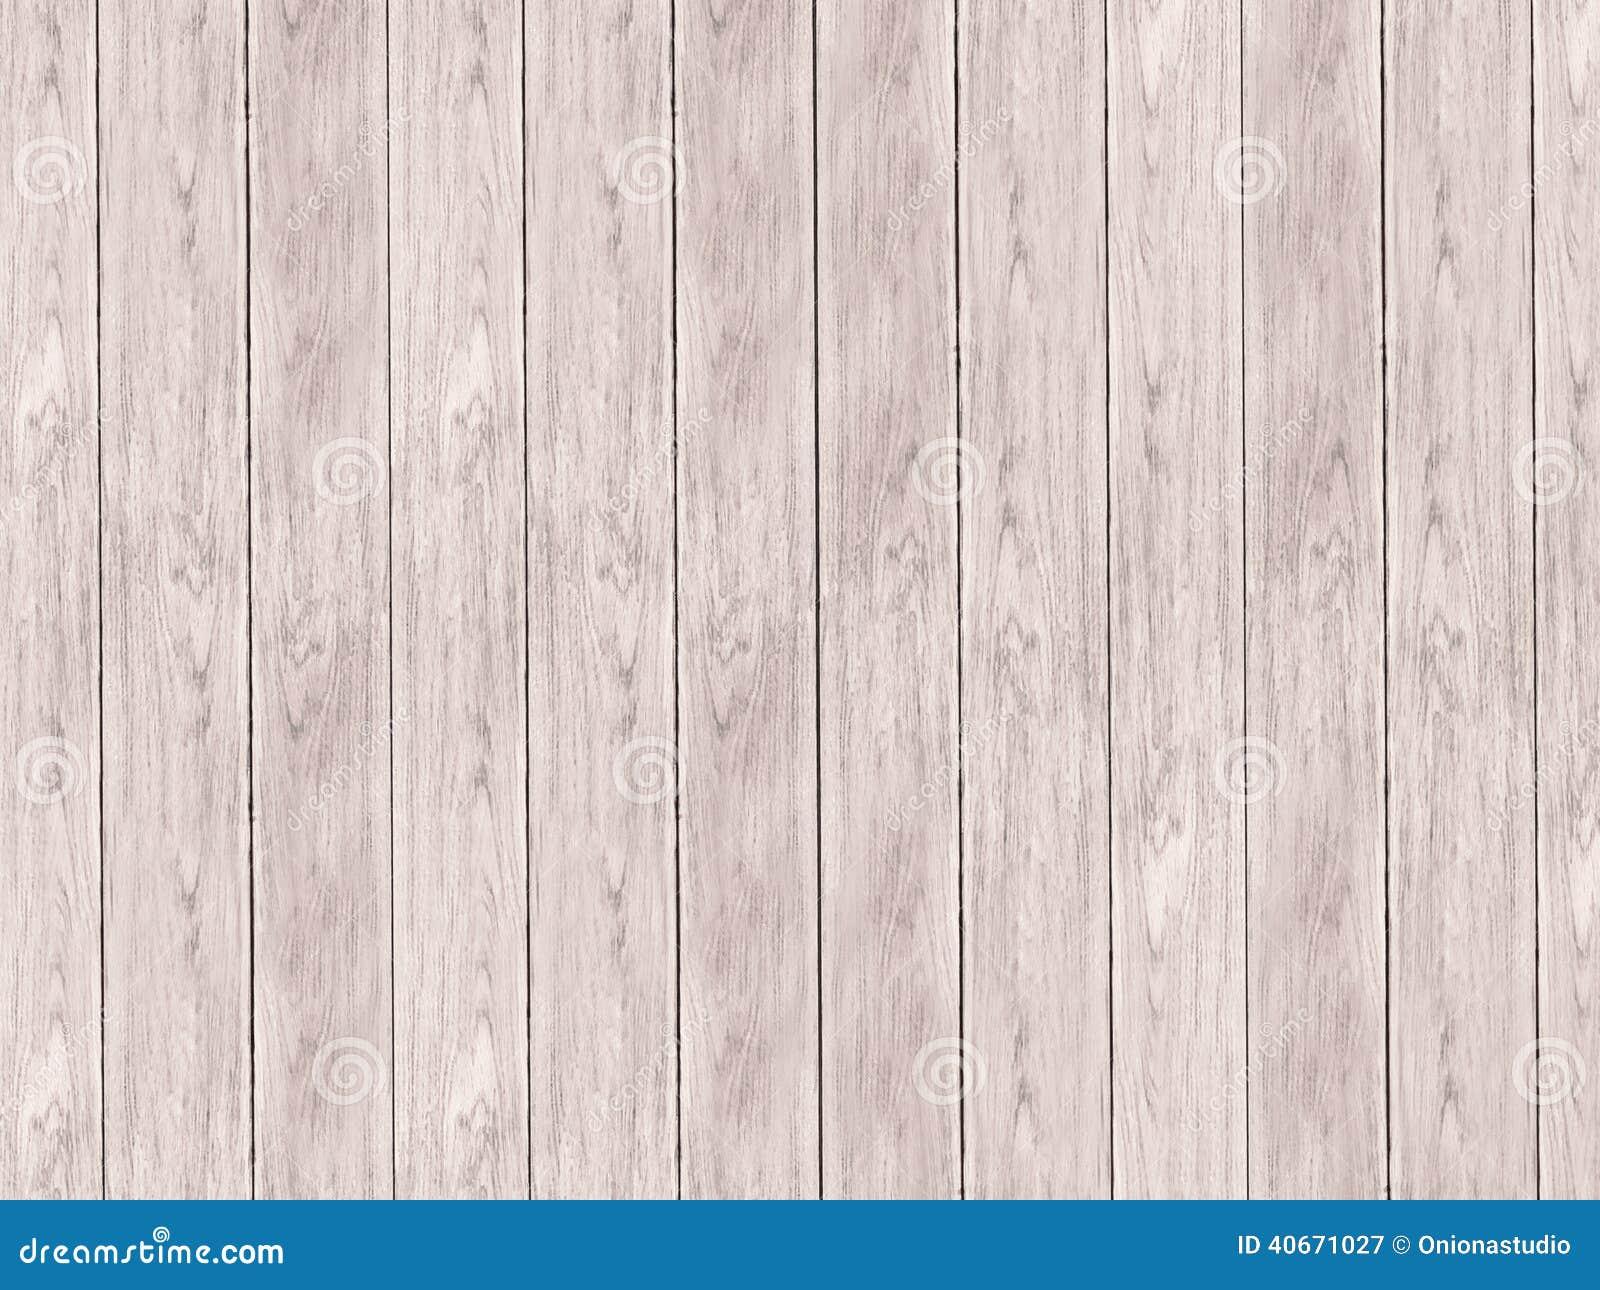 Bright Beige Wooden Desks Surface Floor - Background Stock Photo ...